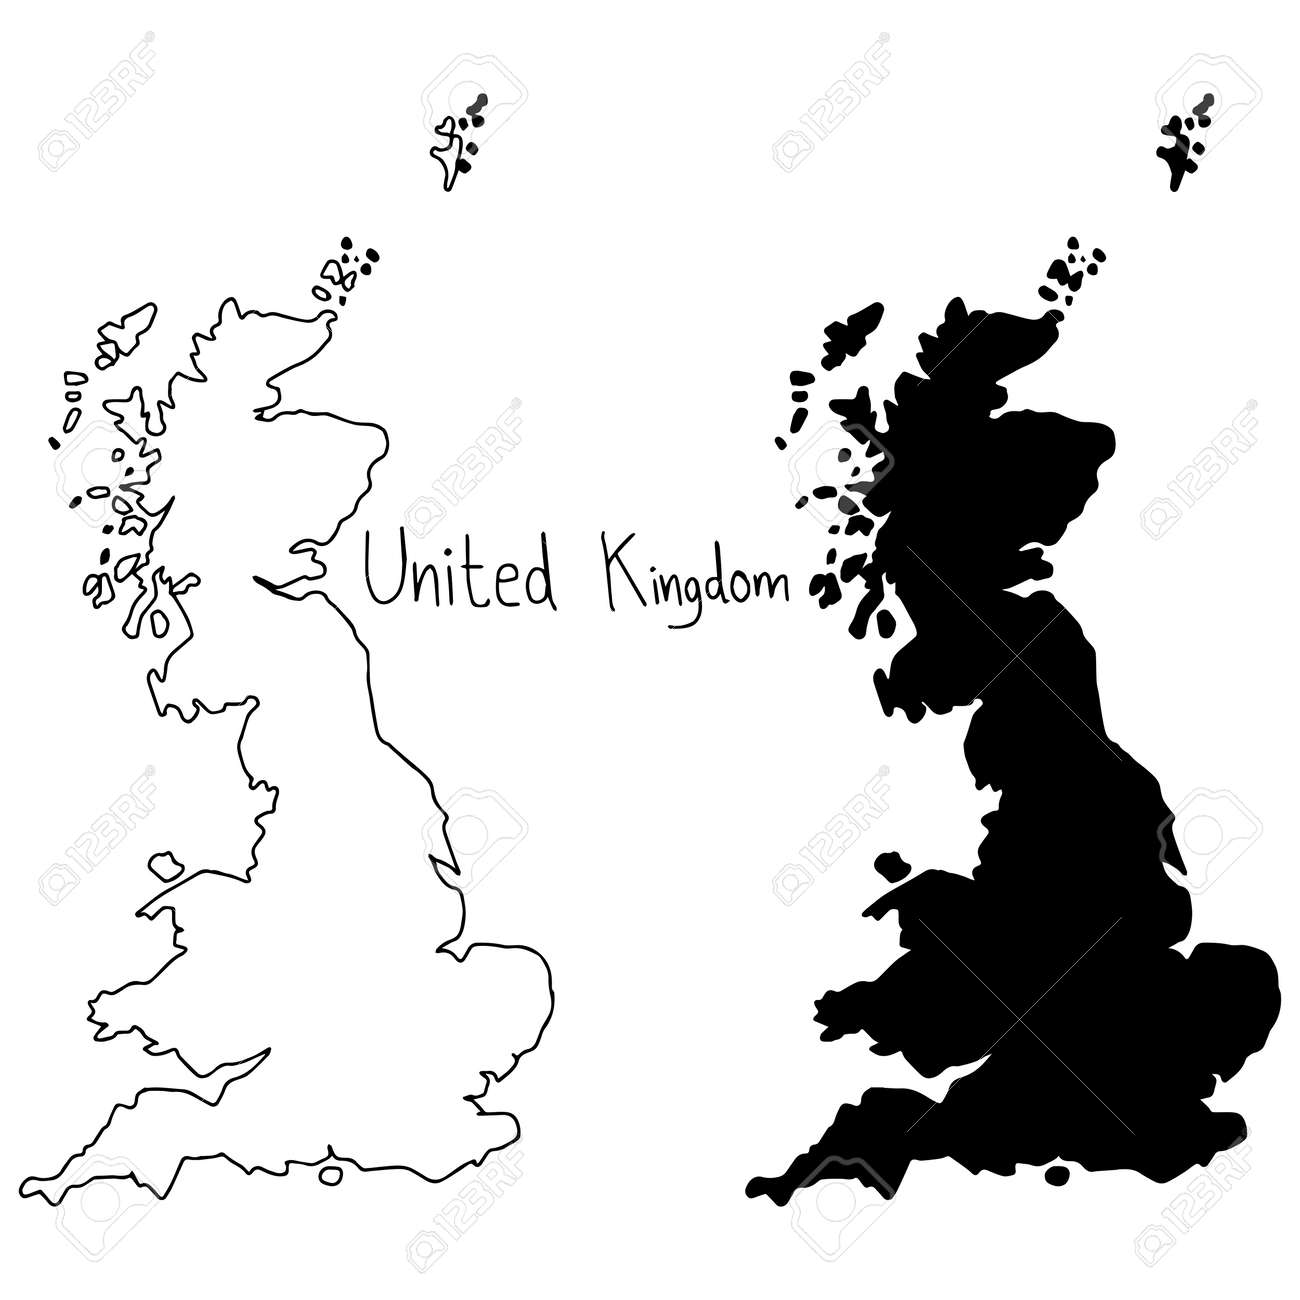 Großbritannien Karte Umriss.Stock Photo